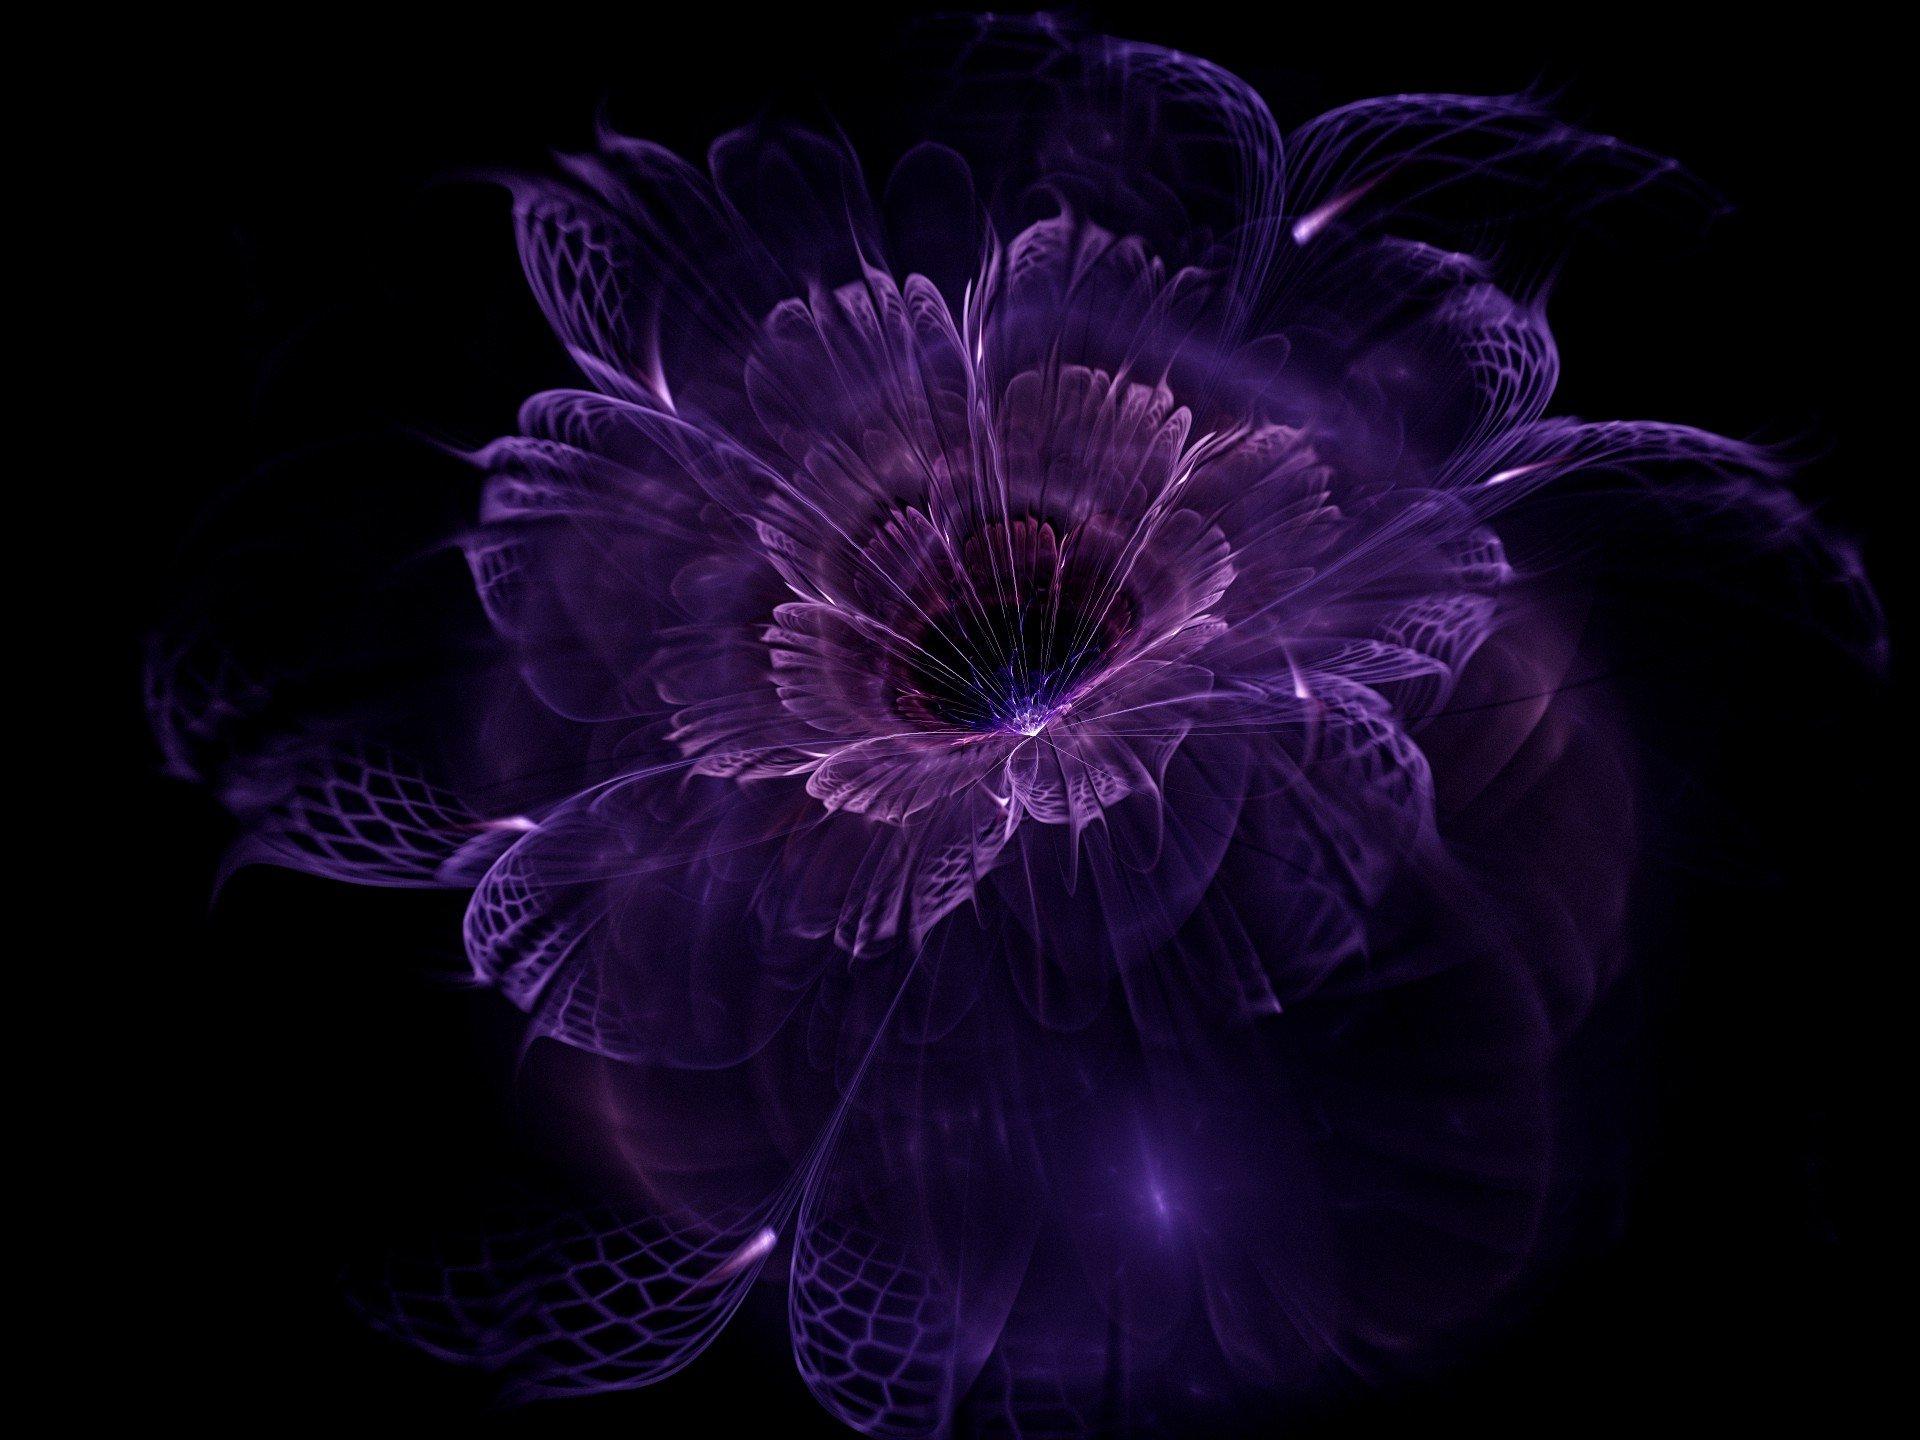 картинки на экран цветы на черном фоне хотя бытует